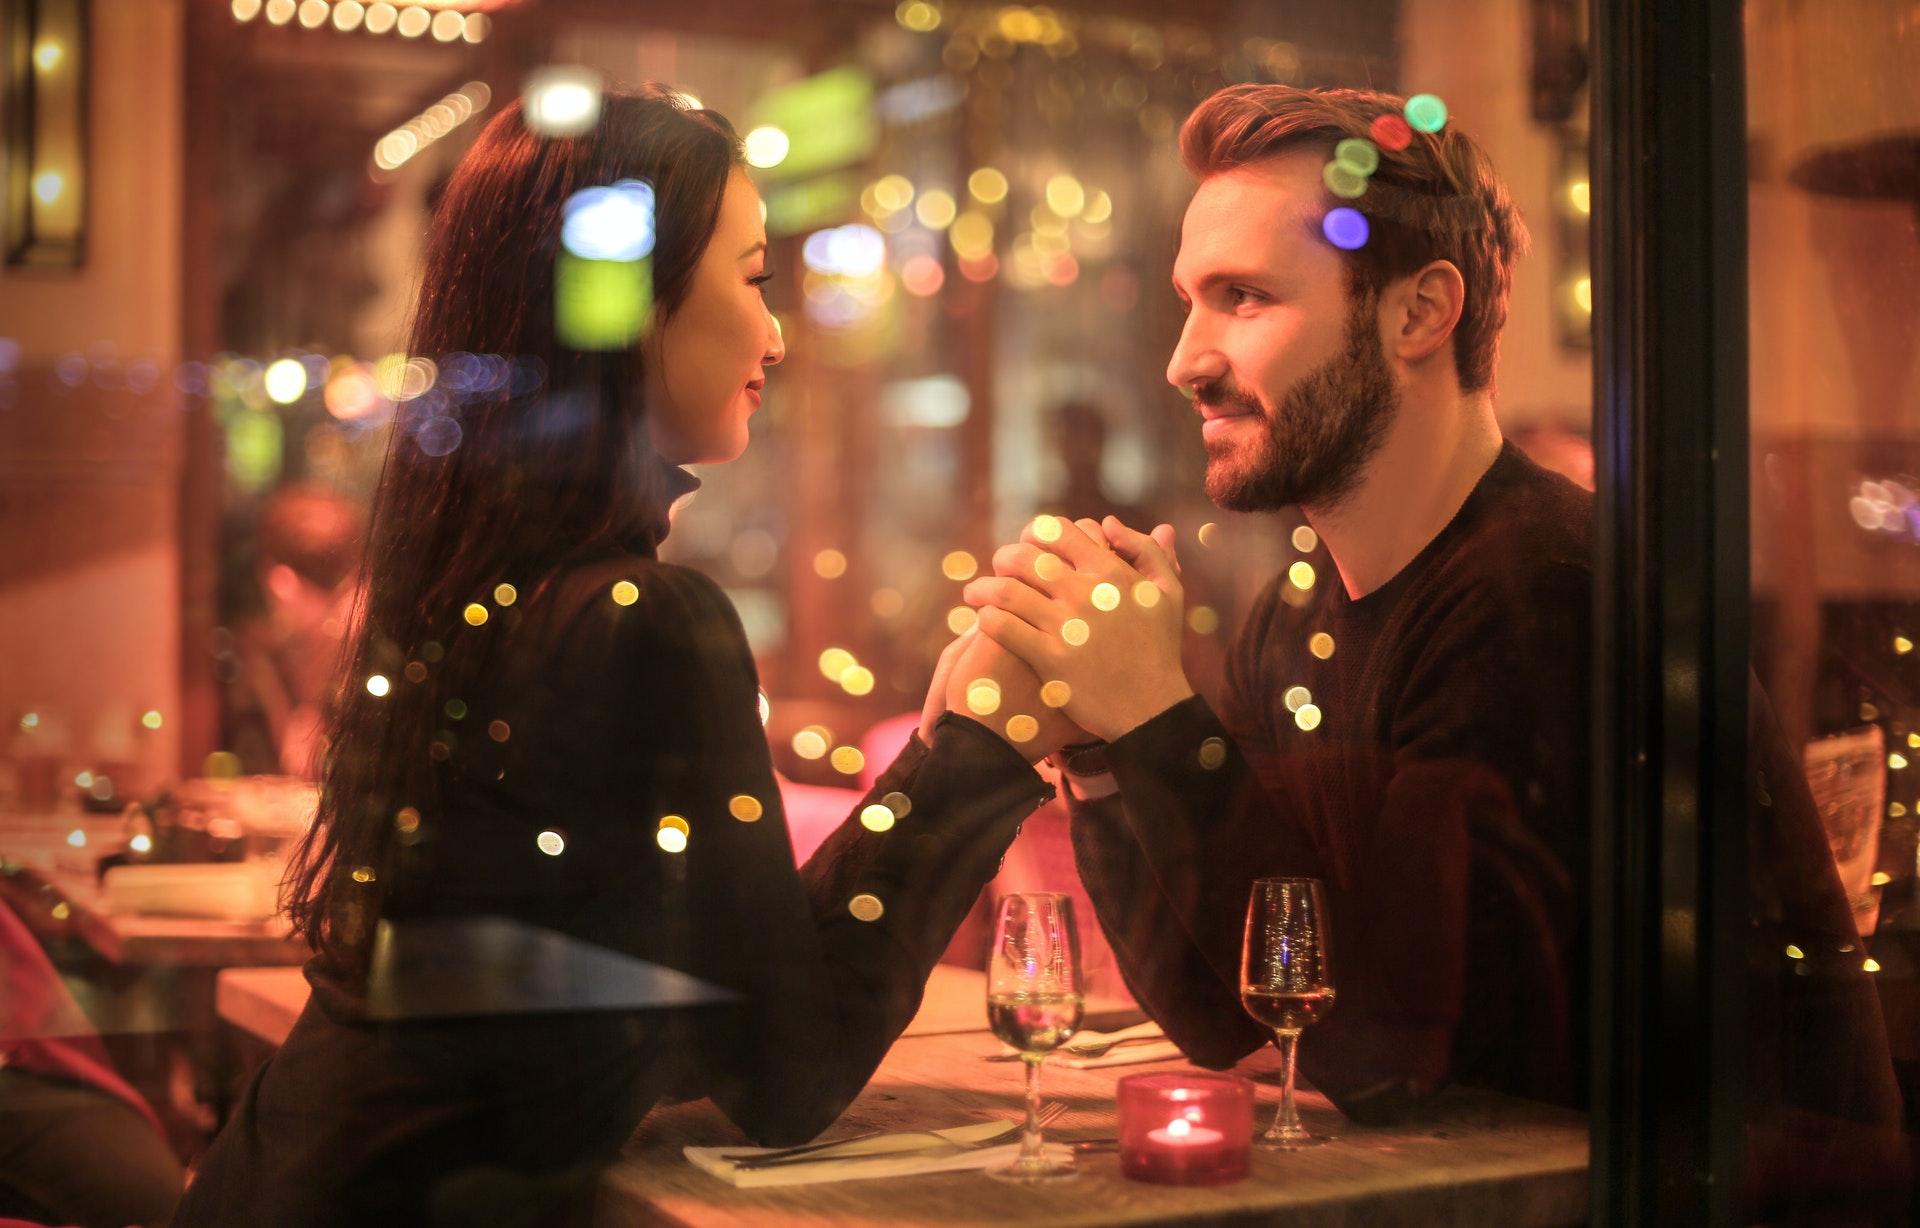 The Best Date Night Restaurants In London